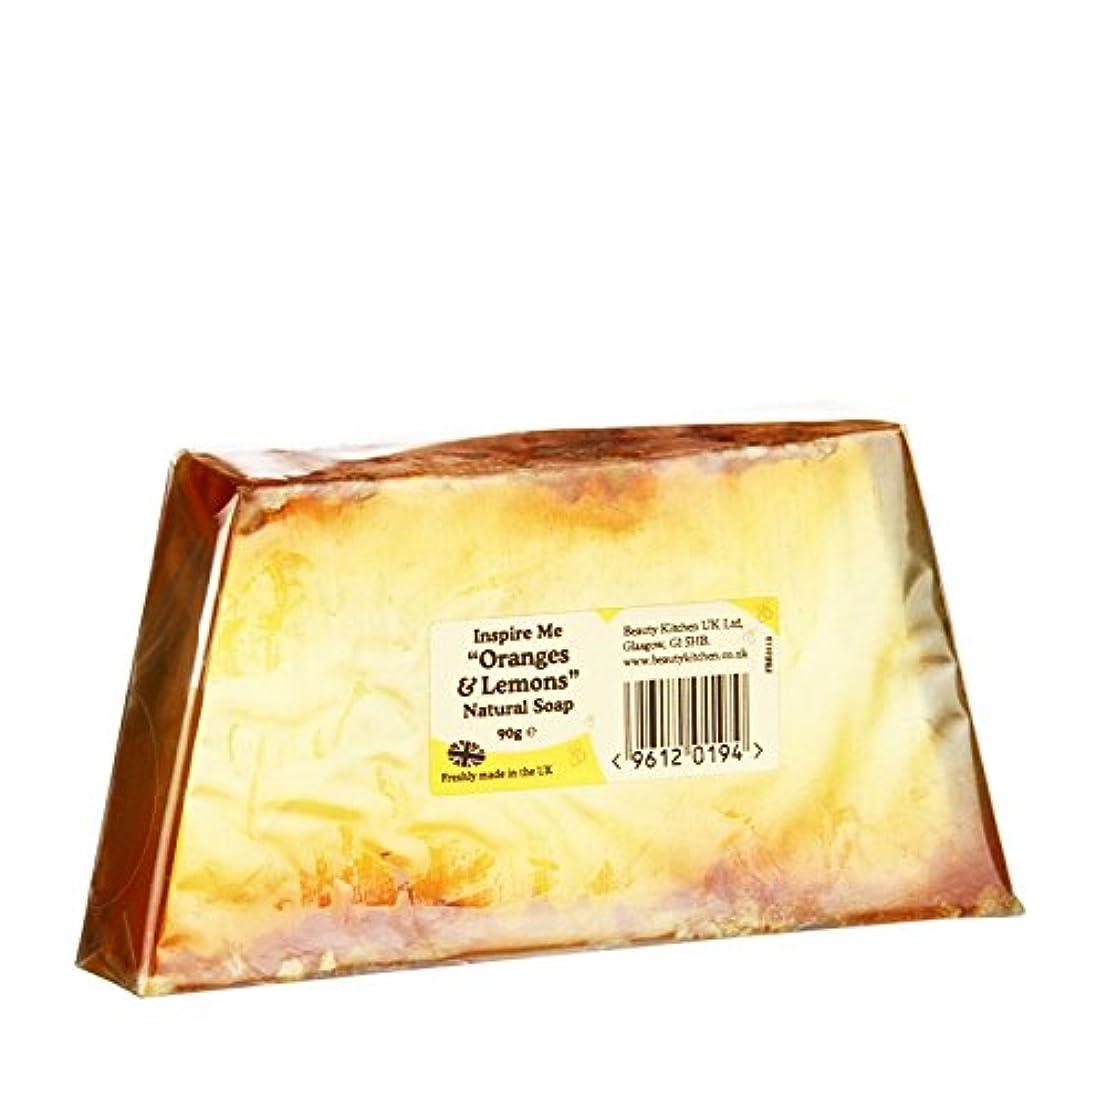 抑止するけん引シャープBeauty Kitchen Inspire Me Orange & Lemon Natural Soap 90g (Pack of 2) - 美しさのキッチンは私がオレンジ&レモンの天然石鹸90グラム鼓舞します (x2...